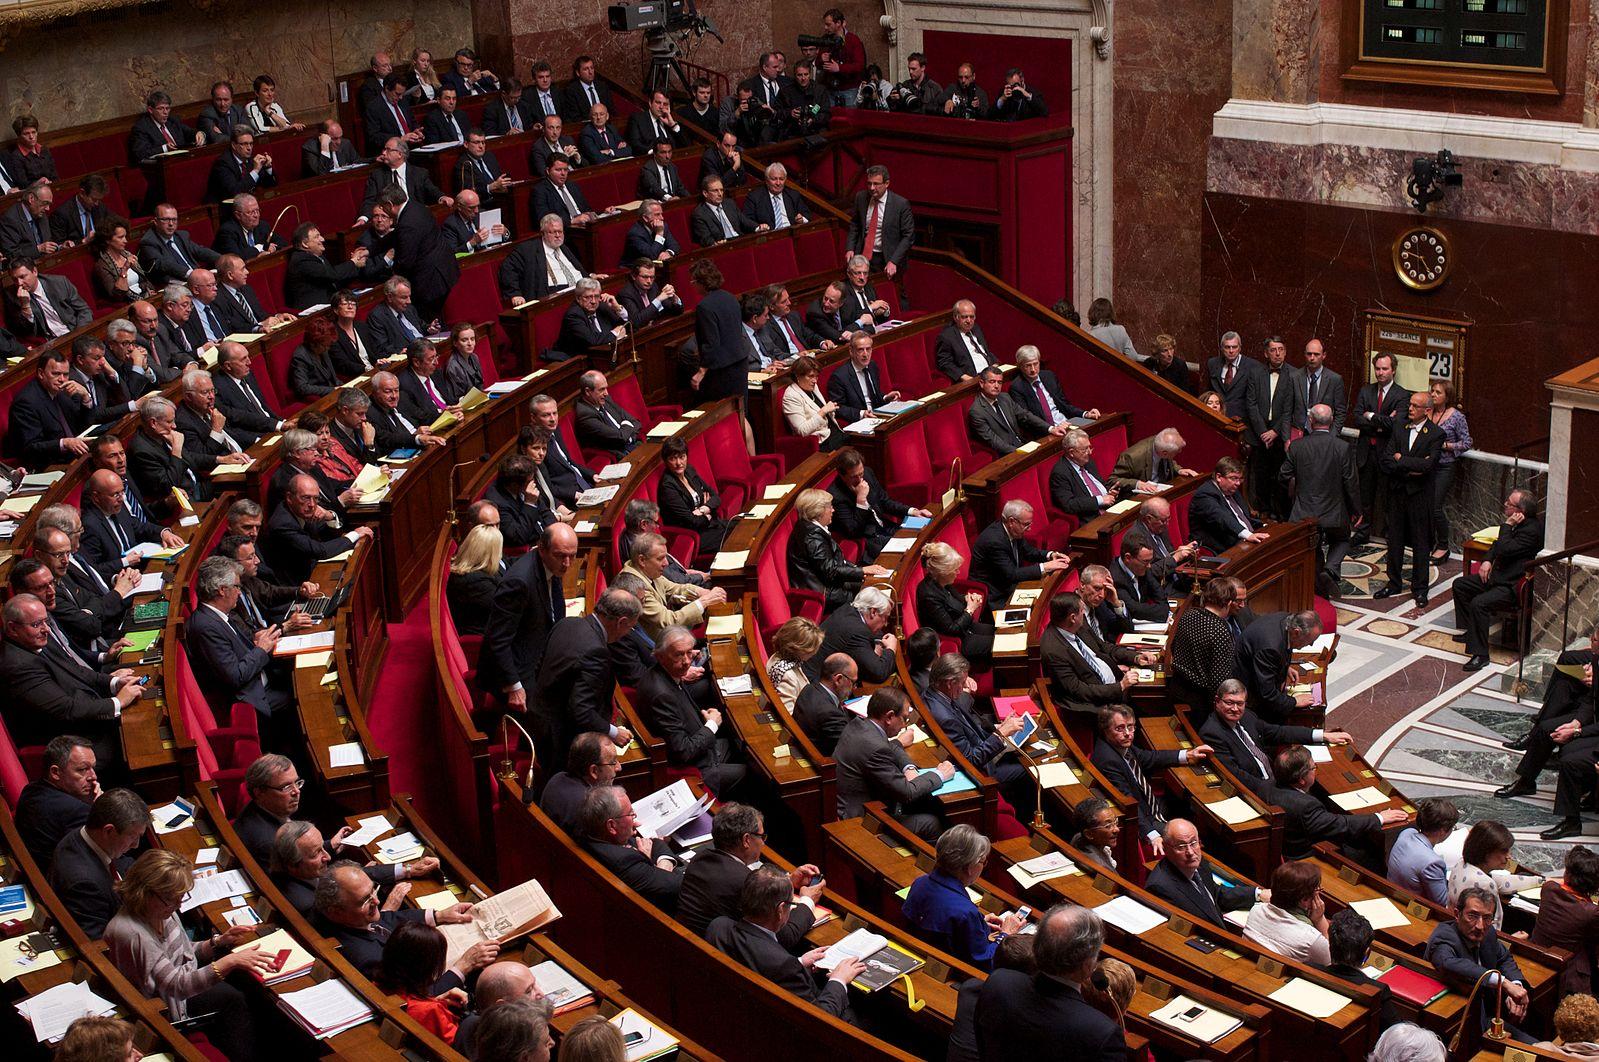 партия занимает большинство мест в парламенте